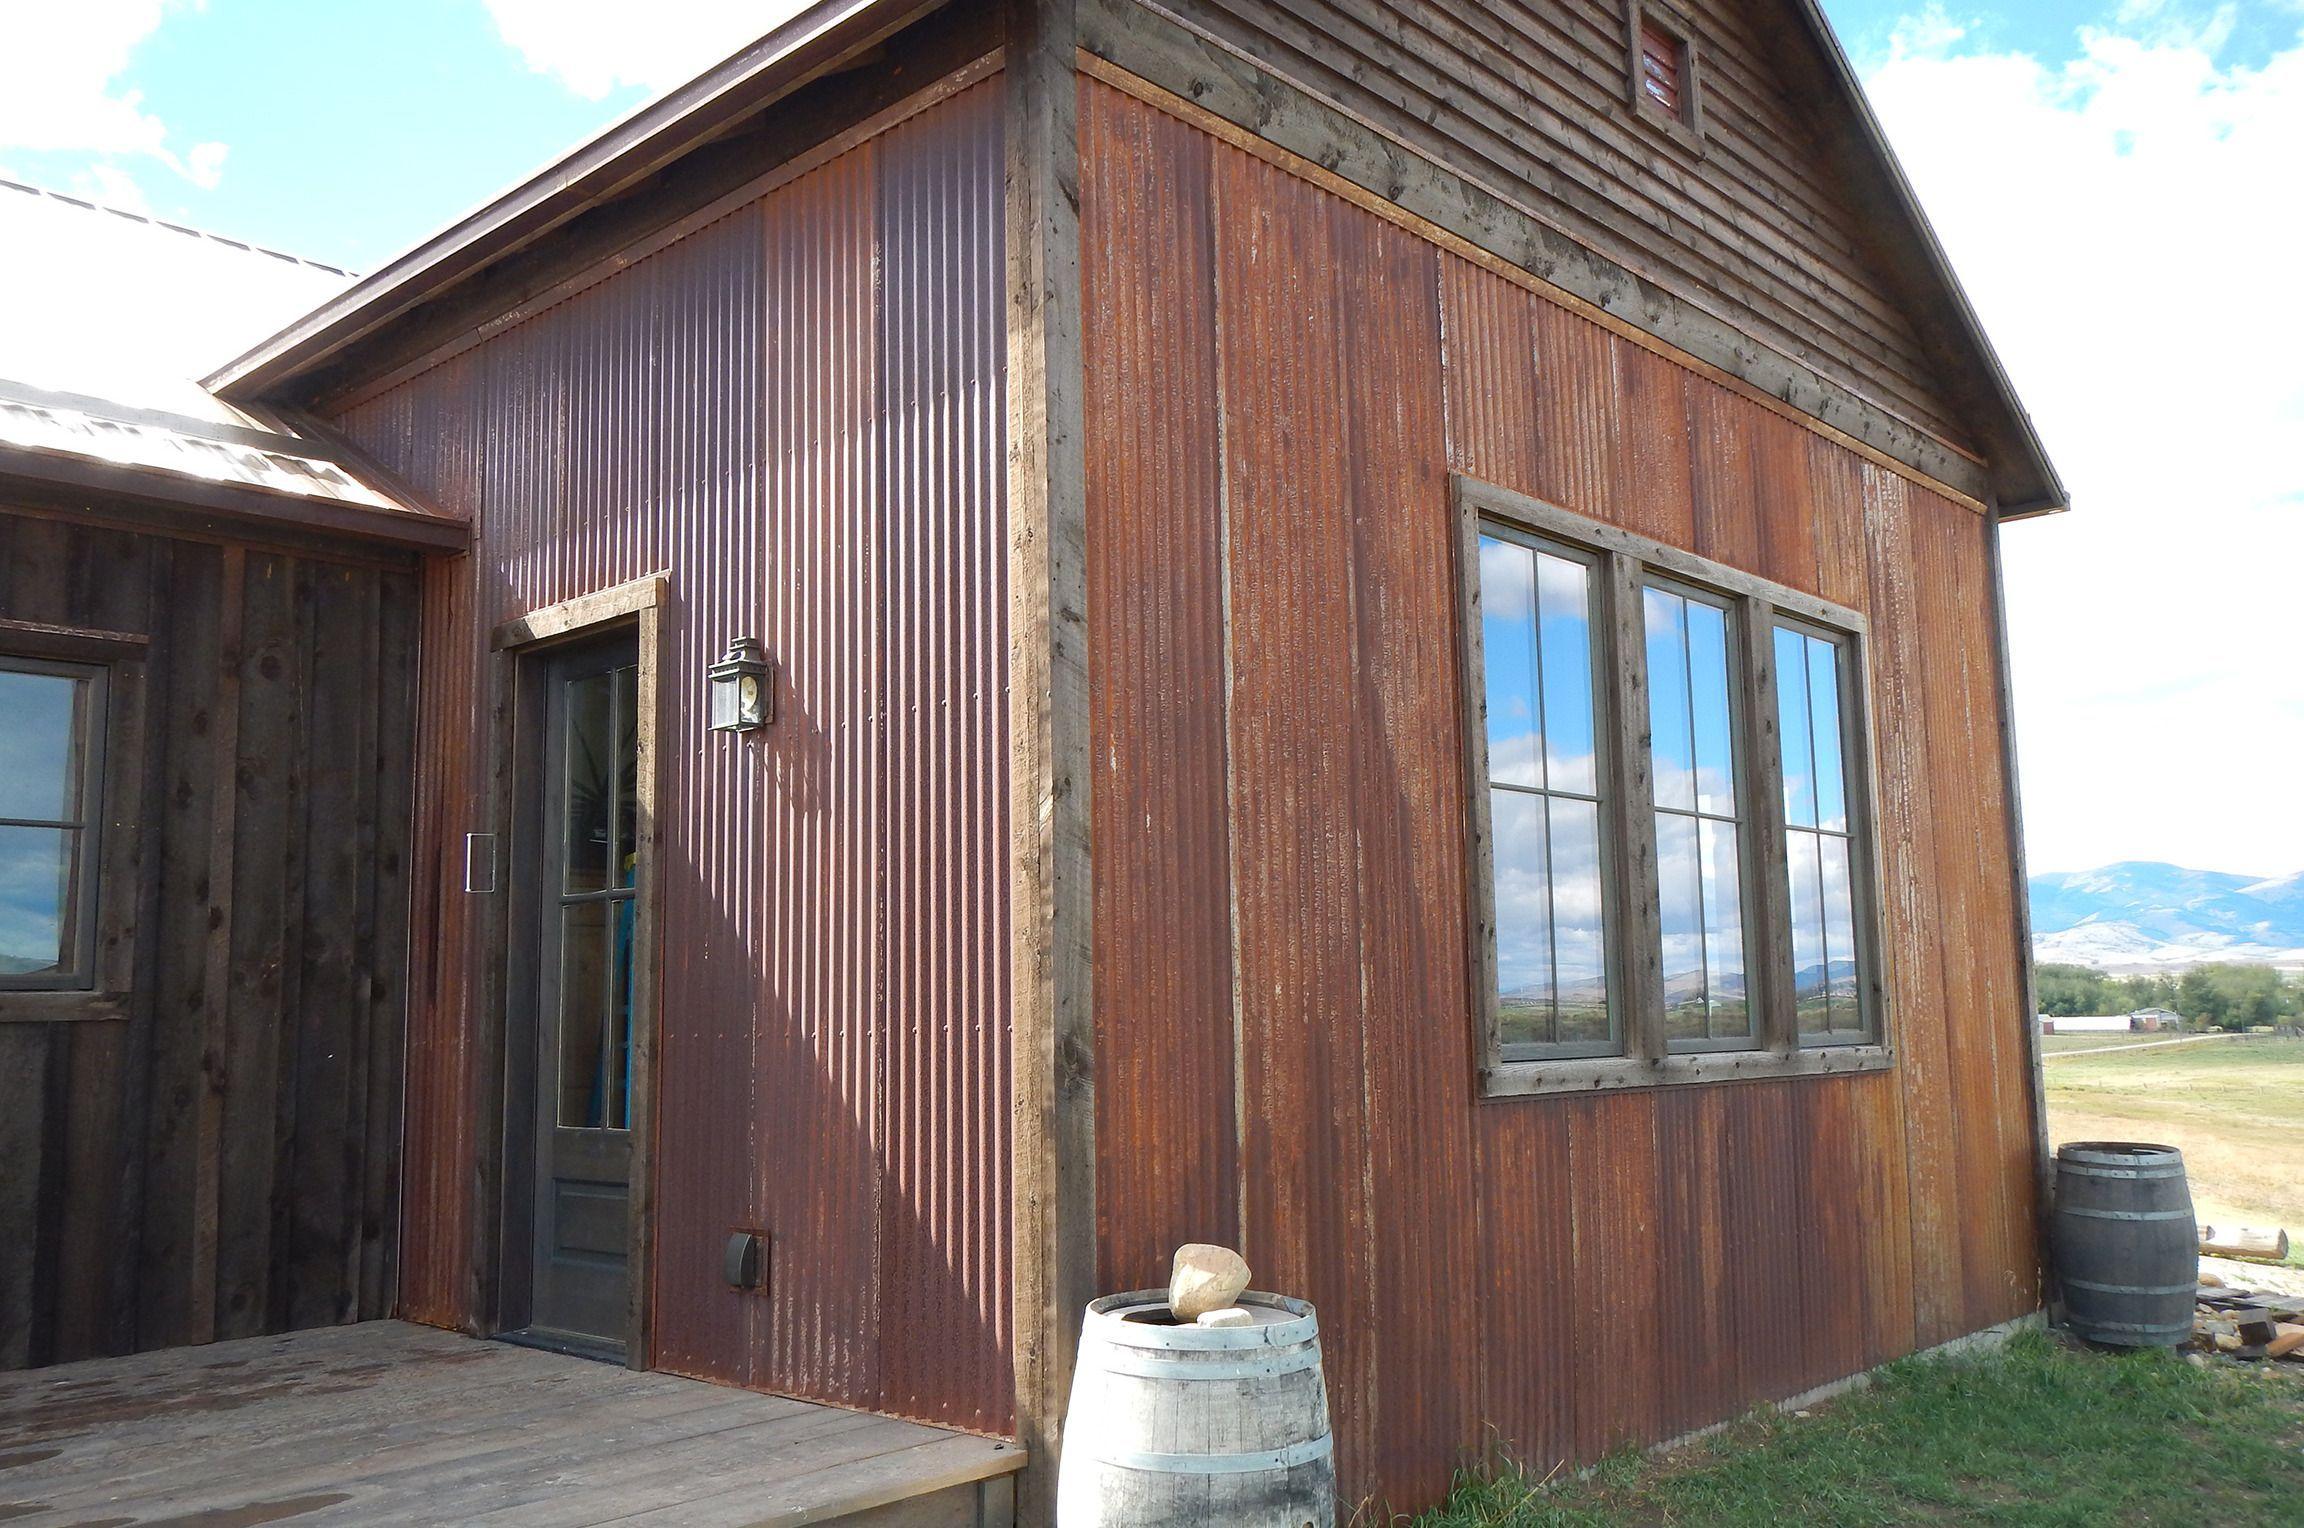 Rustic Steel Siding 2 1 2 Corrugated In Truten By Bridger Steel Metal Siding House Corrugated Metal Siding Steel Siding